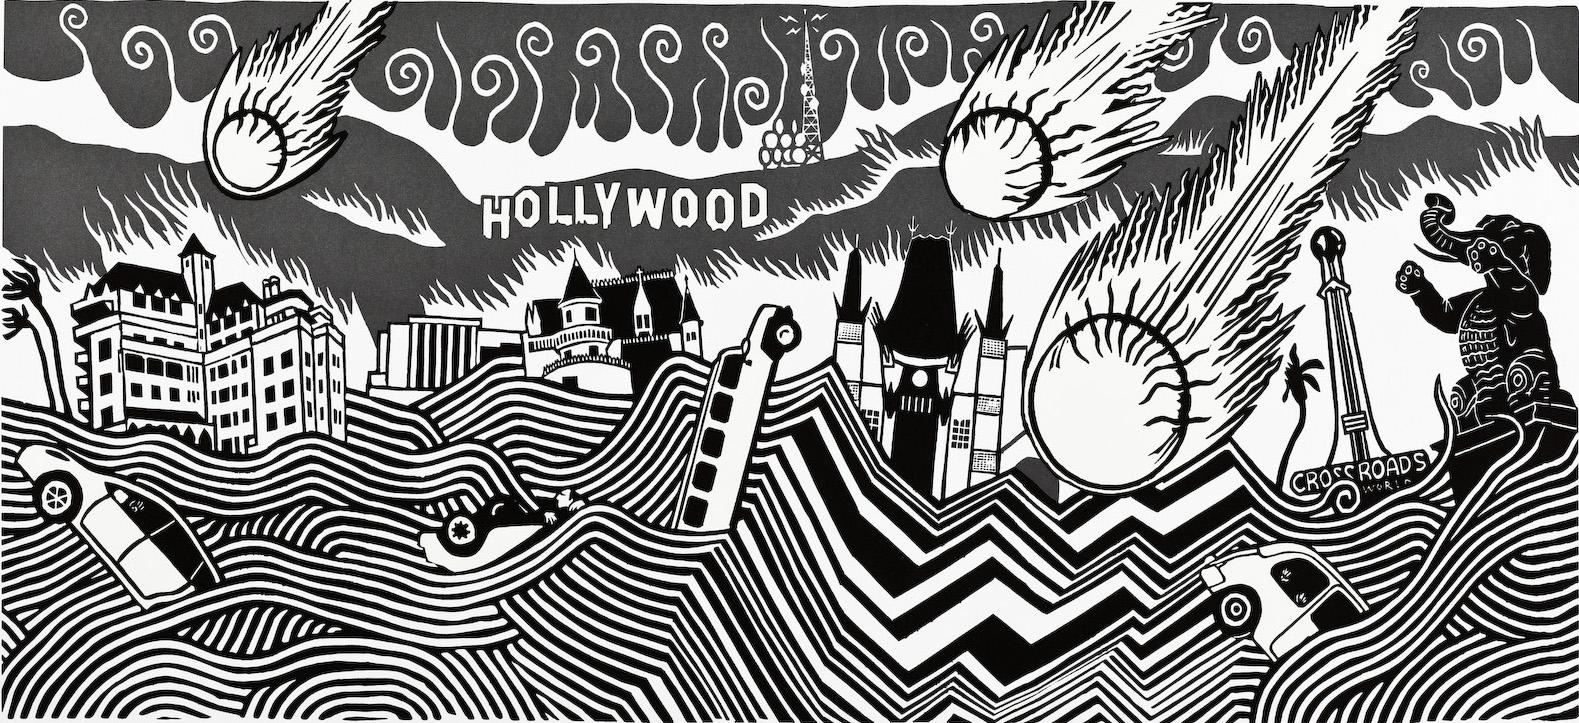 2012-05-03-Hollywood_Dooom_cropped.jpg